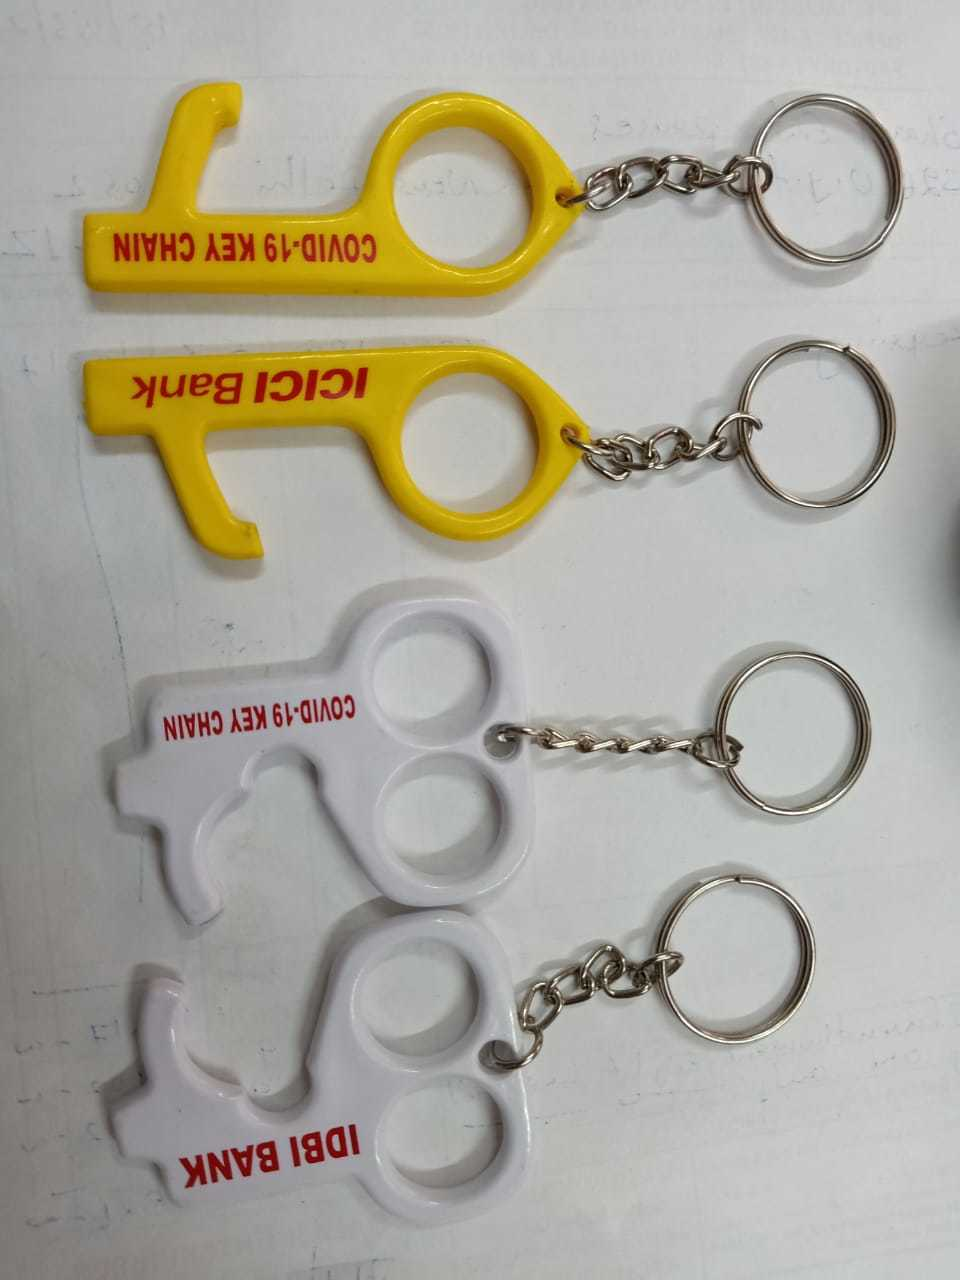 Covid keychain